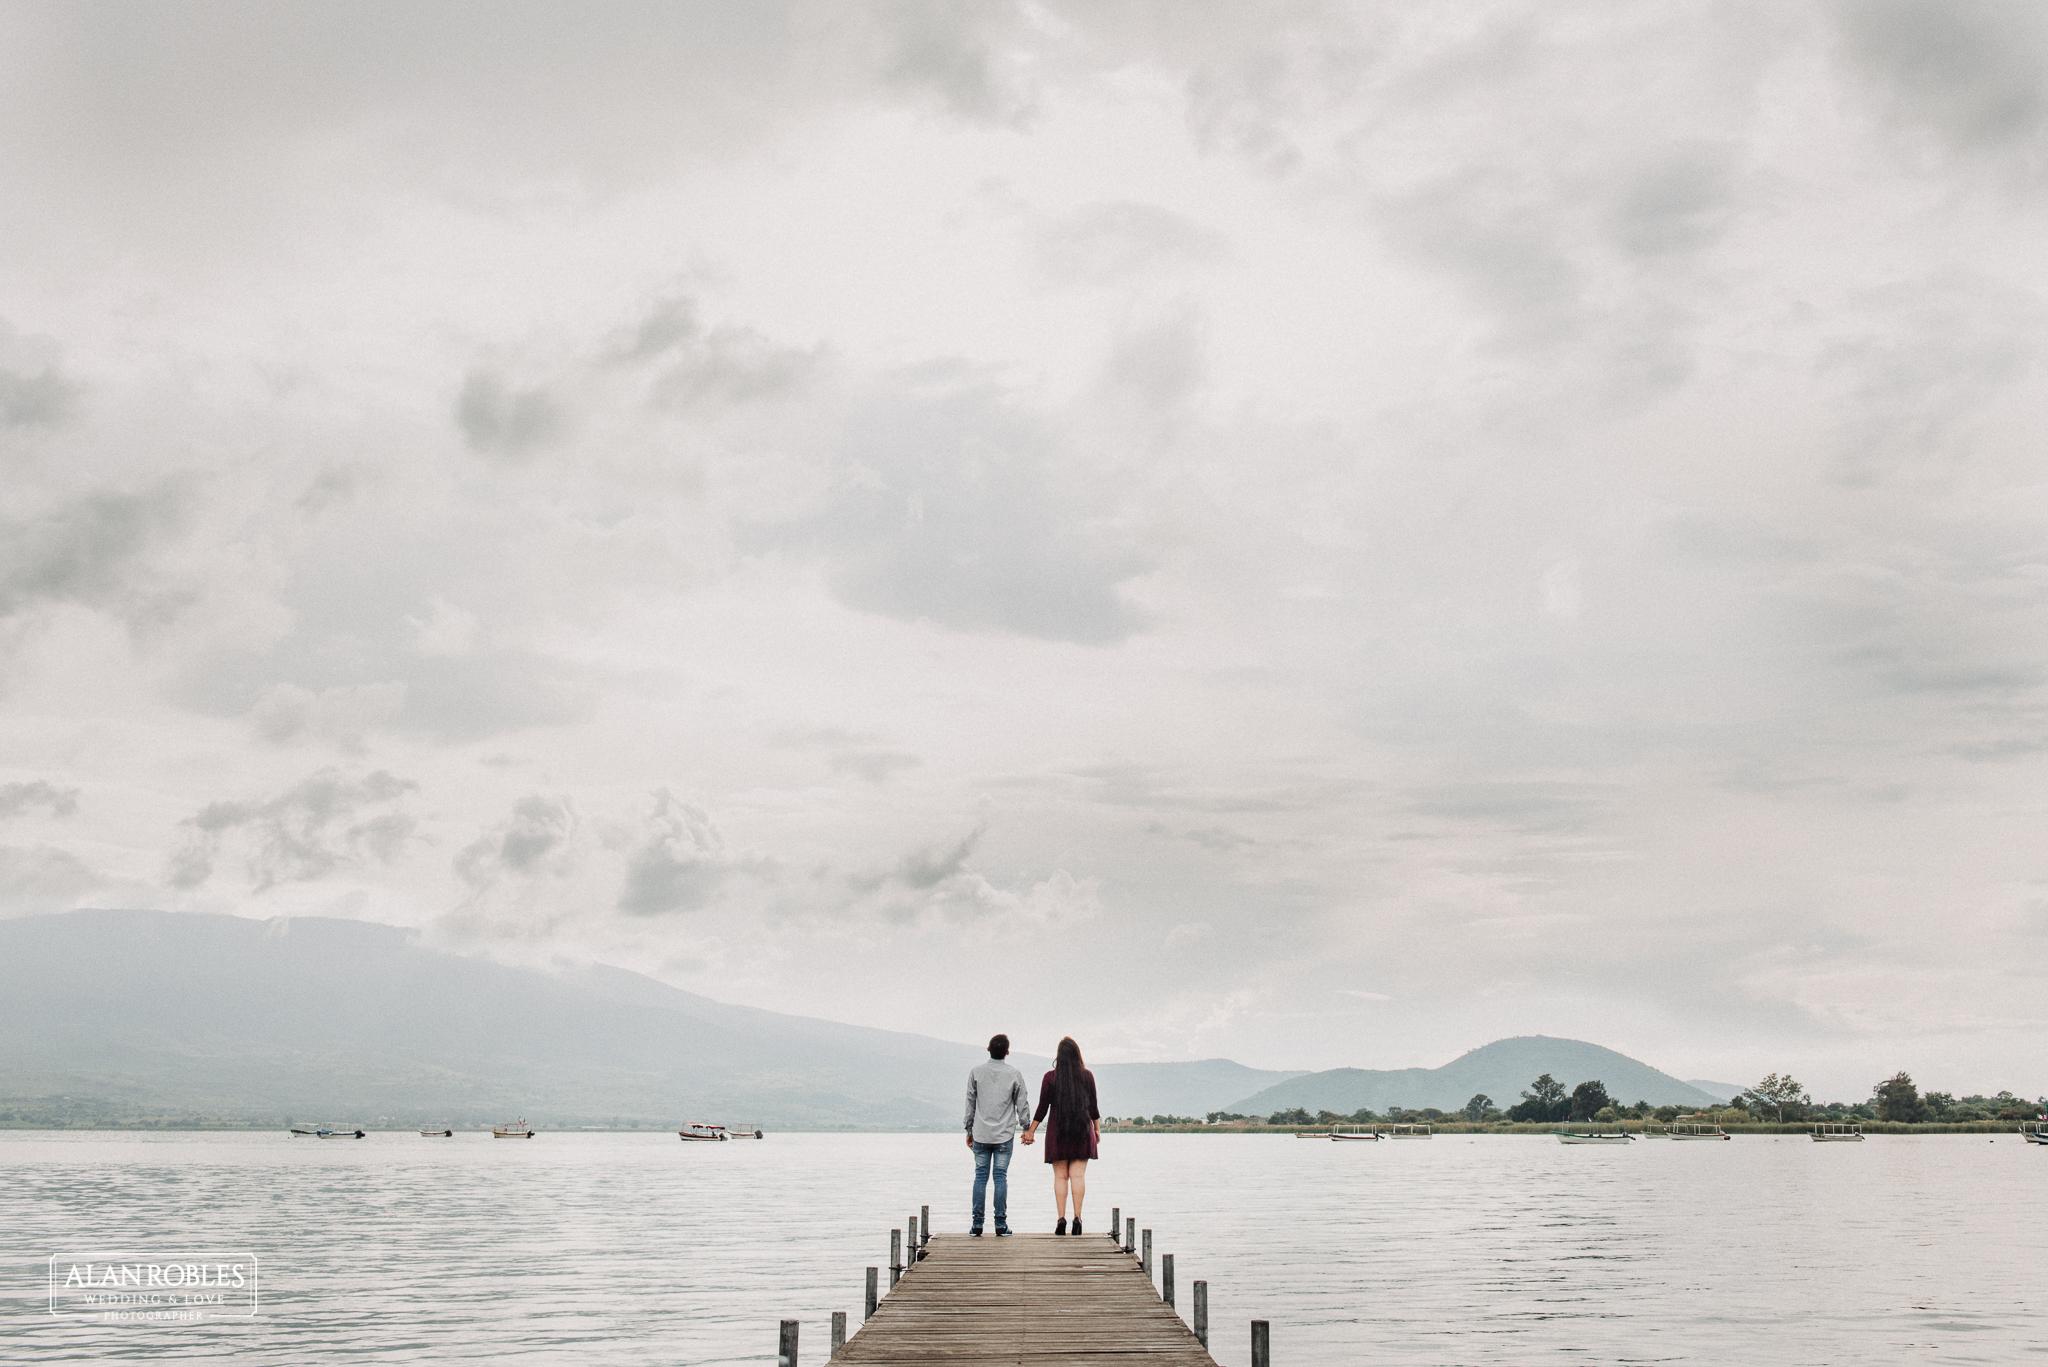 Sesion de fotos Preboda en Laguna de Cajititlan. Fotografia de bodas - Alan Robles Wedding & Love Photographer, Fotografo de bodas en Guadalajara. Fotos Creativas de boda, ideas para fotos de boda.